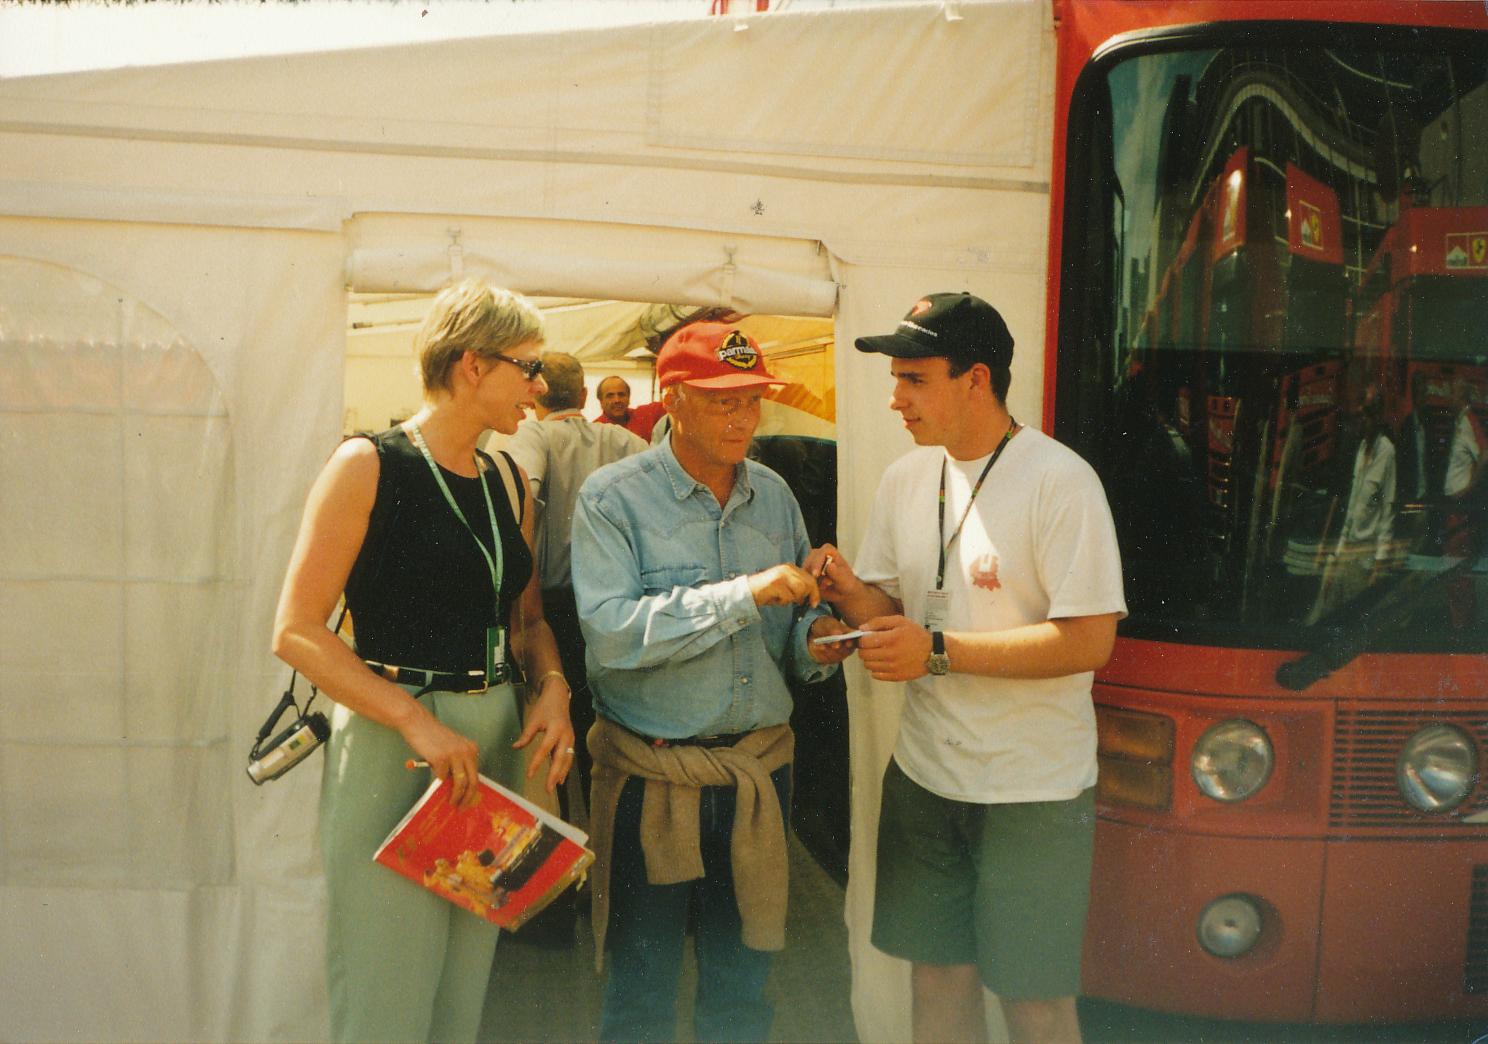 Легендата Ники Лауда дава автографи на колежка от Литва и колега от Беларус. Снимка: Авторът